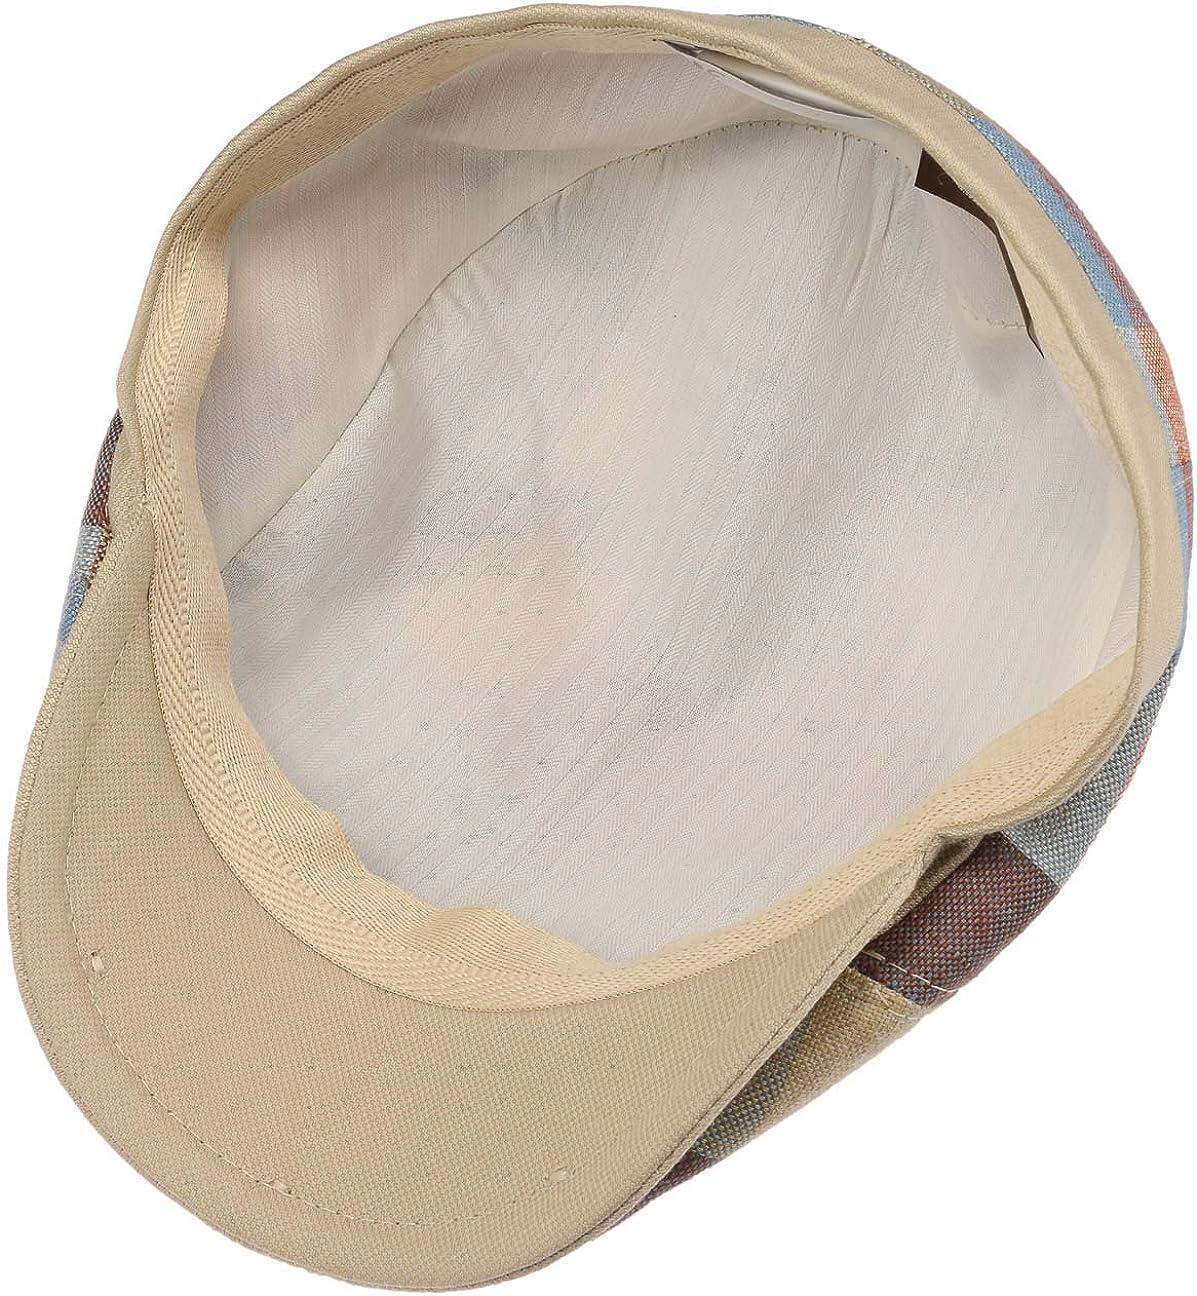 Lierys Ravello Check Leinen Flatcap Schirmm/ütze Leinencap Schieberm/ütze Herren Futter Fr/ühling-Sommer Made in Italy mit Schirm